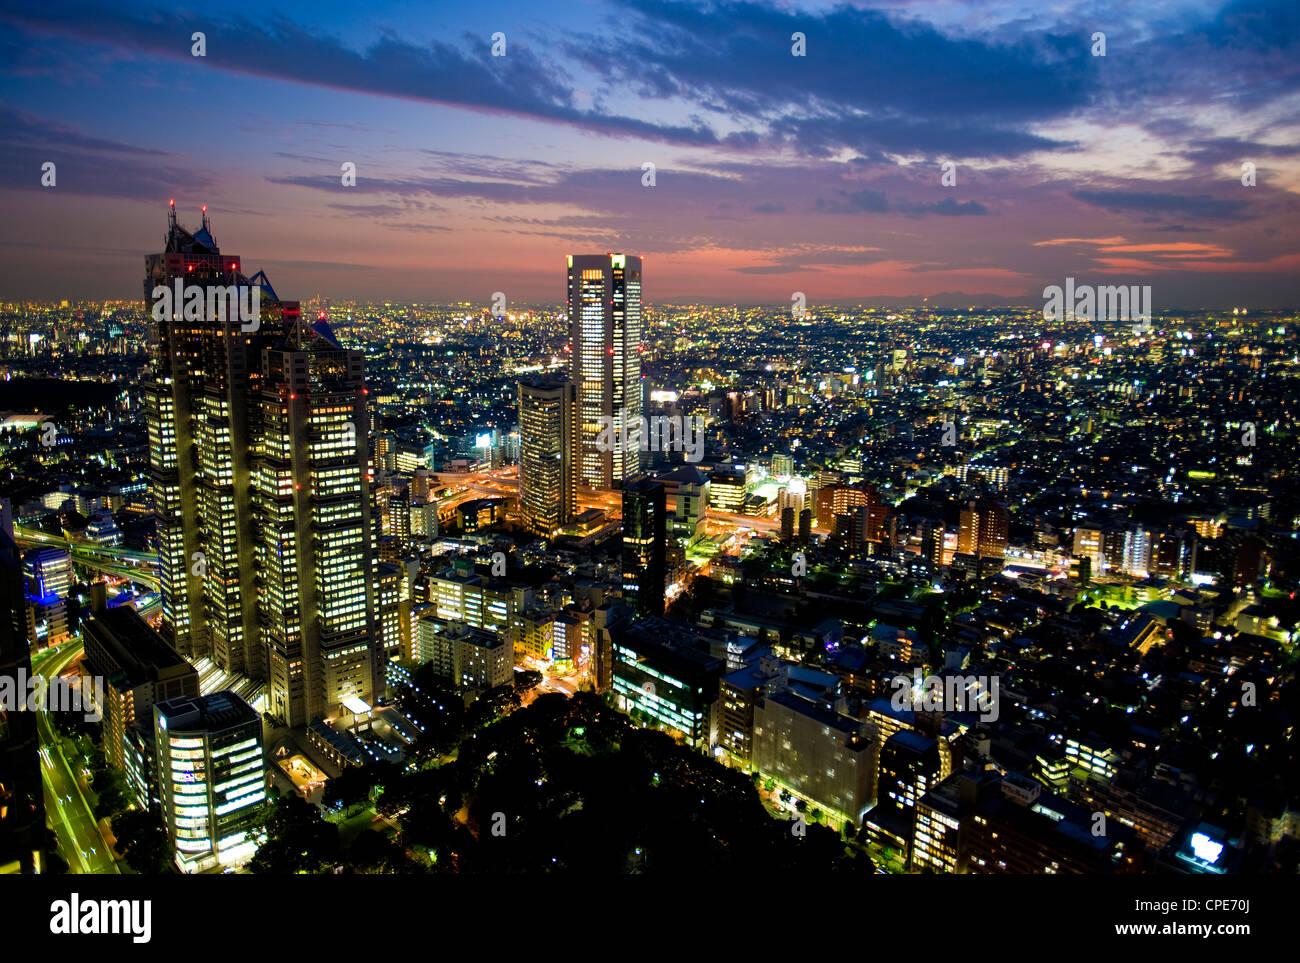 Vue depuis Tokyo Metropolitan Building, Shinjuku, Tokyo, Japon, Asie Photo Stock